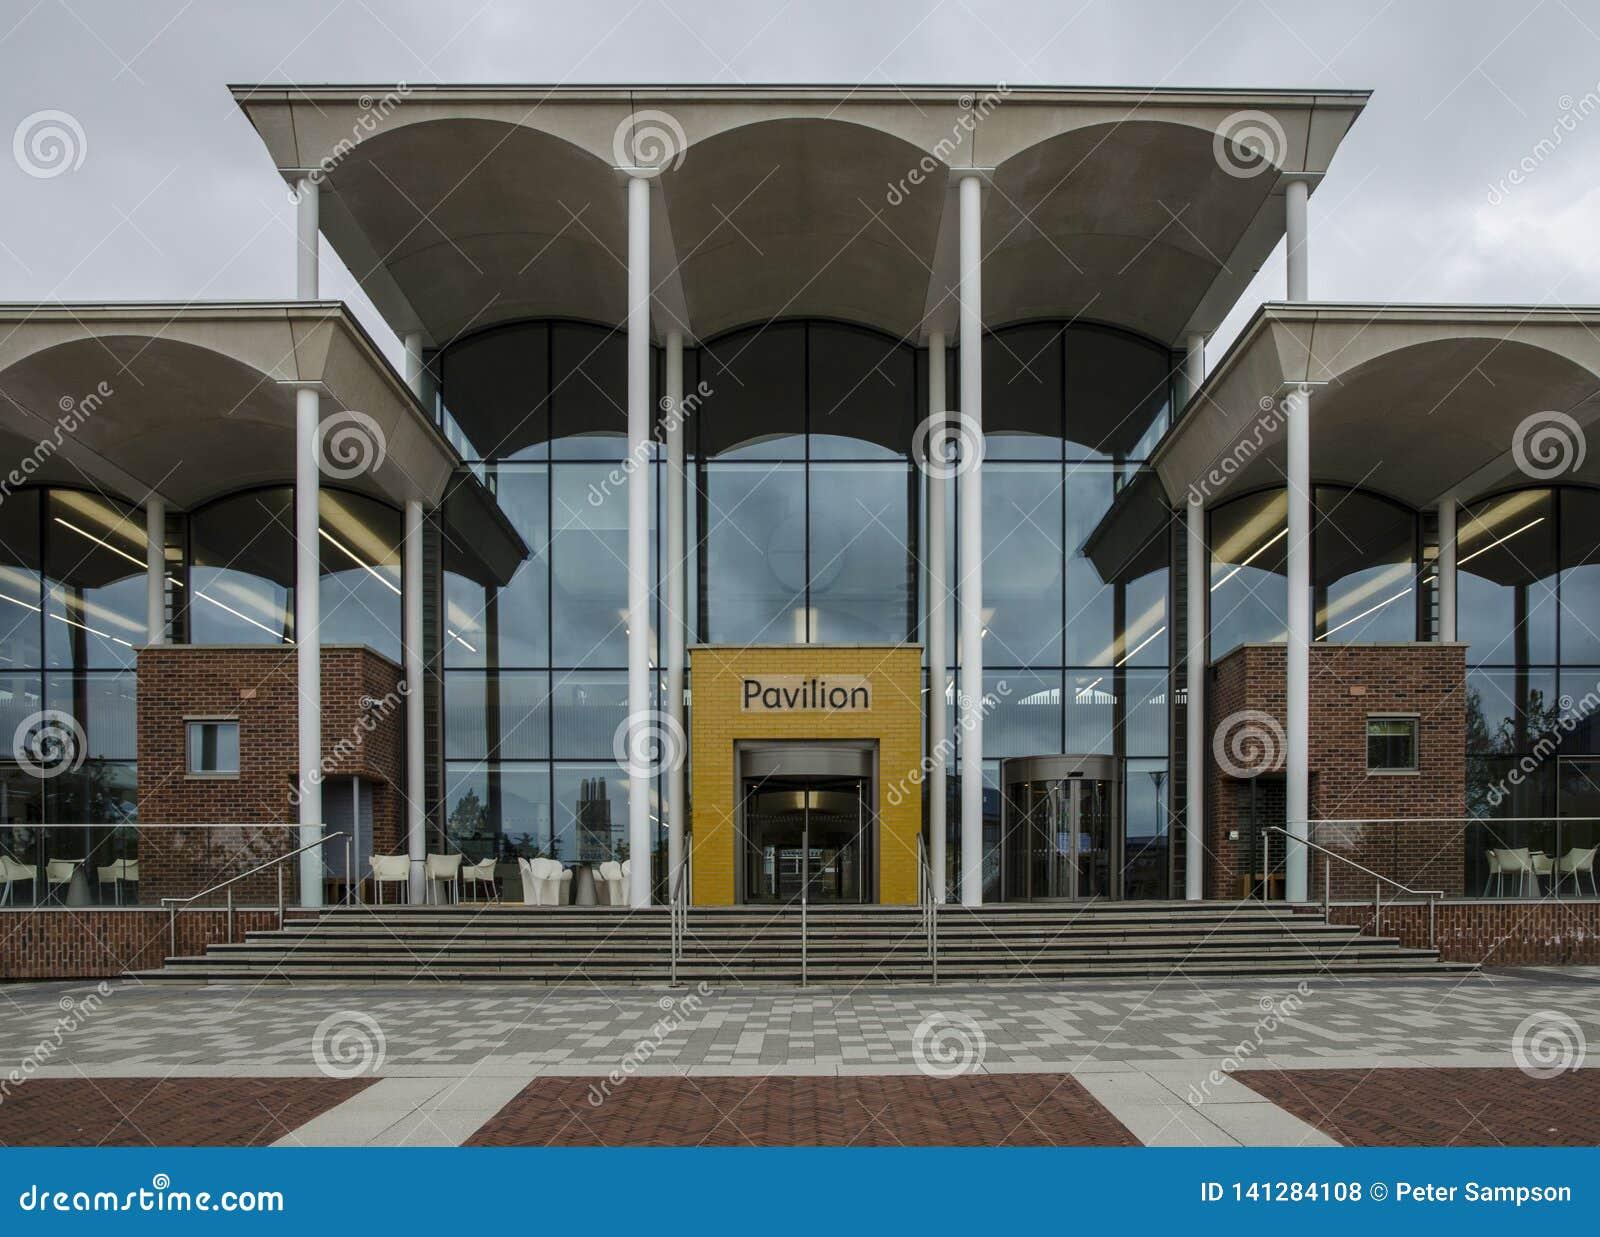 Nottingham Trent Student Union Pavilion